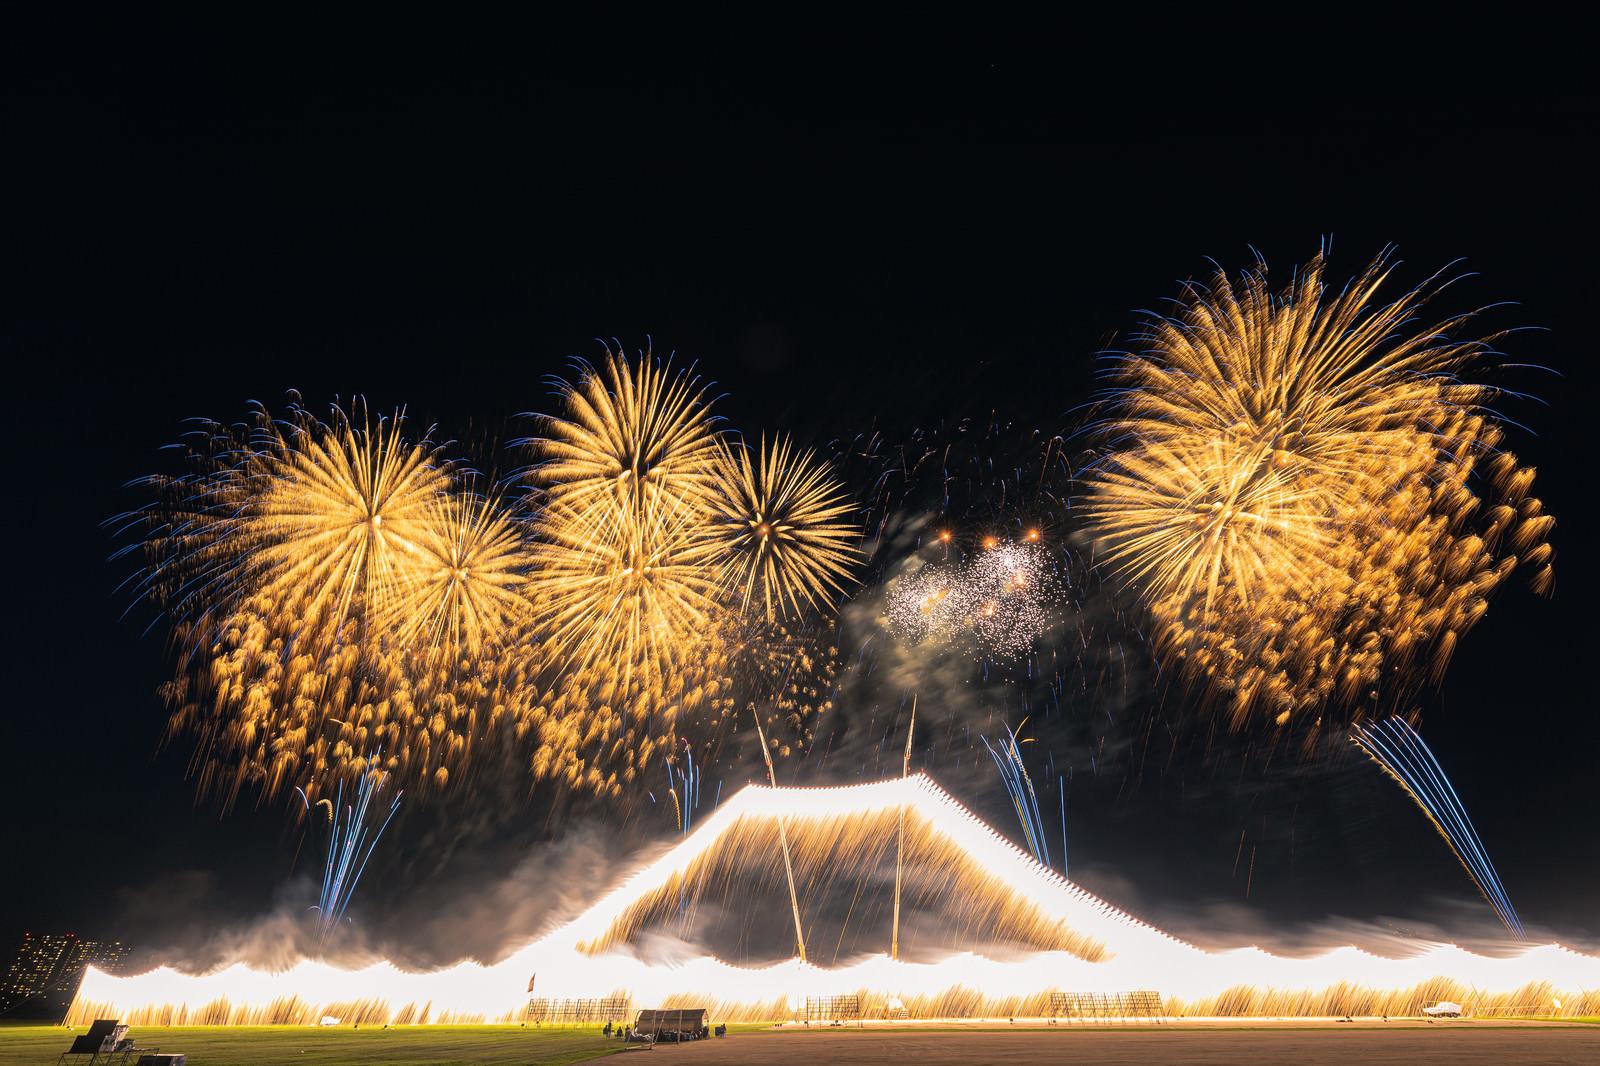 「クレーンで高さ50メートルまで釣り上げた江戸川区花火大会の仕掛け花火」の写真